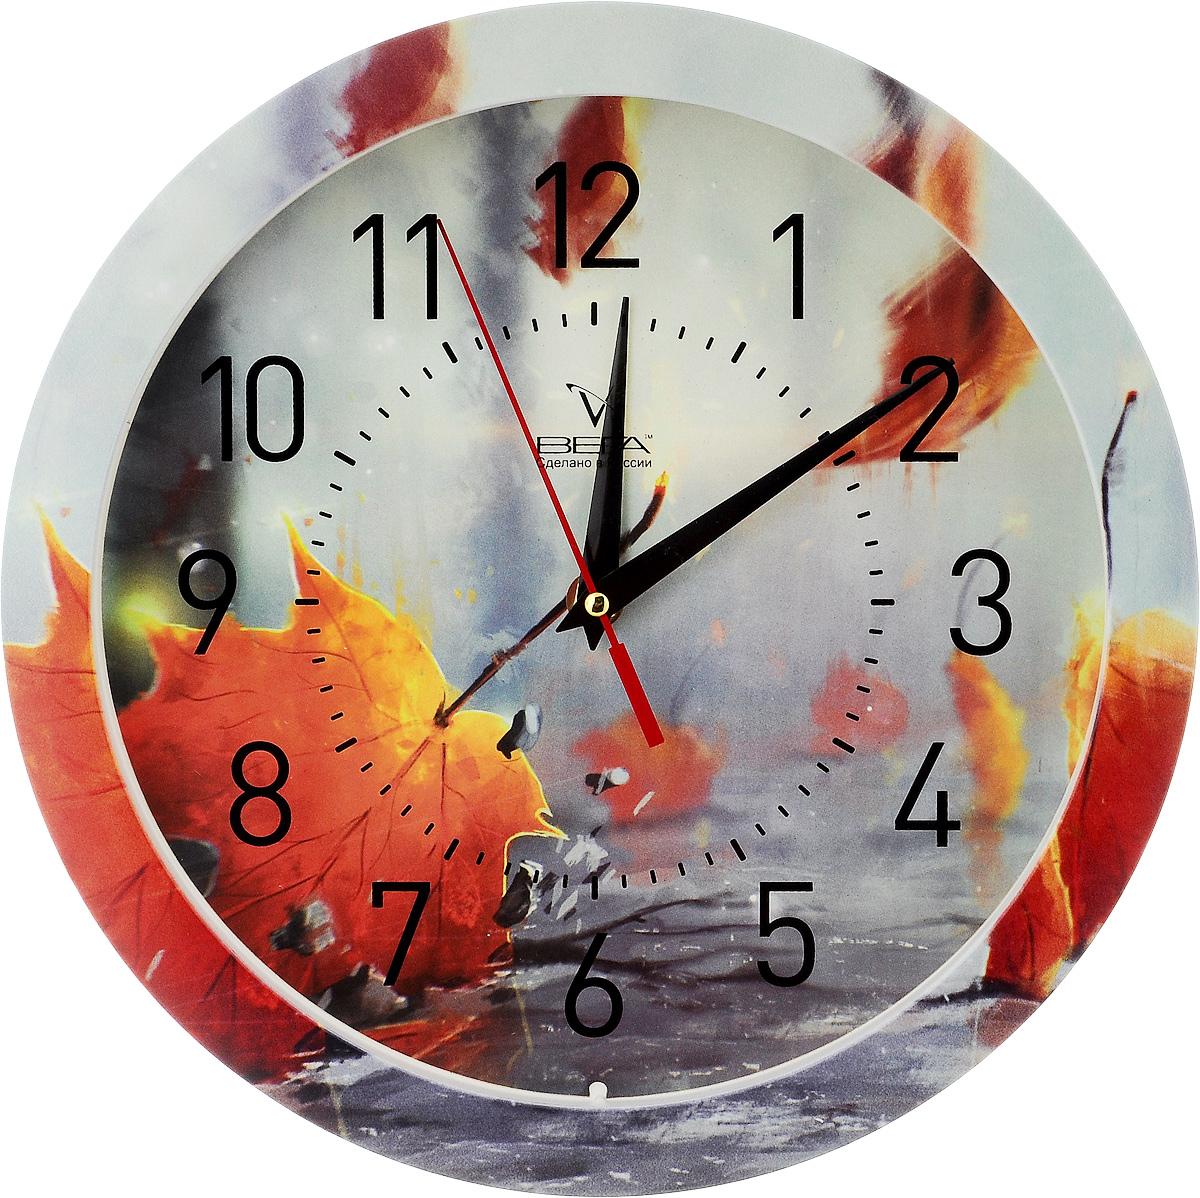 Часы настенные Вега Осень, диаметр 28,5 смП1-240/7-240Настенные кварцевые часы Вега Осень, изготовленные изпластика, прекрасно впишутся в интерьер вашего дома. Часыимеют три стрелки: часовую, минутную и секундную, циферблатзащищен прозрачным стеклом.Часы работают от 1 батарейки типа АА напряжением 1,5 В (невходит в комплект). Диаметр часов: 28,5 см.